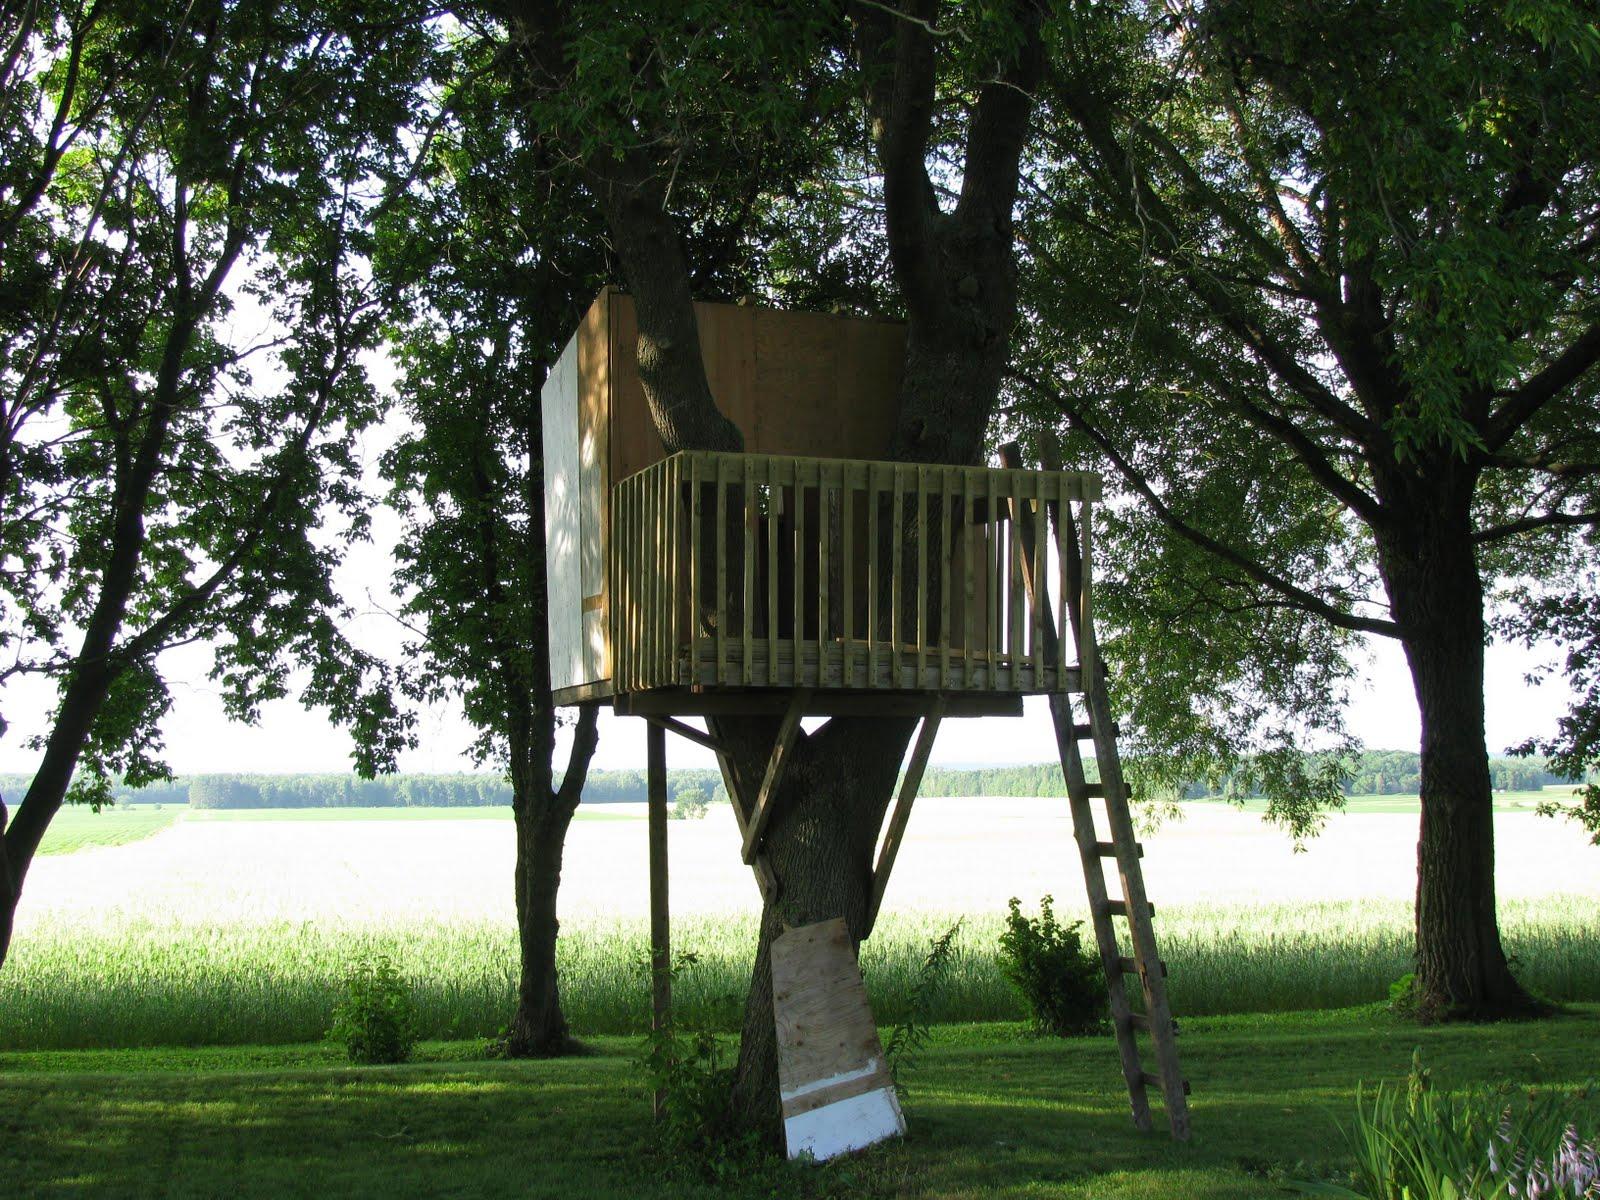 Faire sa cabane dans les arbres il suagit de horace burgess il a commenc construire sa cabane - Cabane dans les arbres pour enfants ...